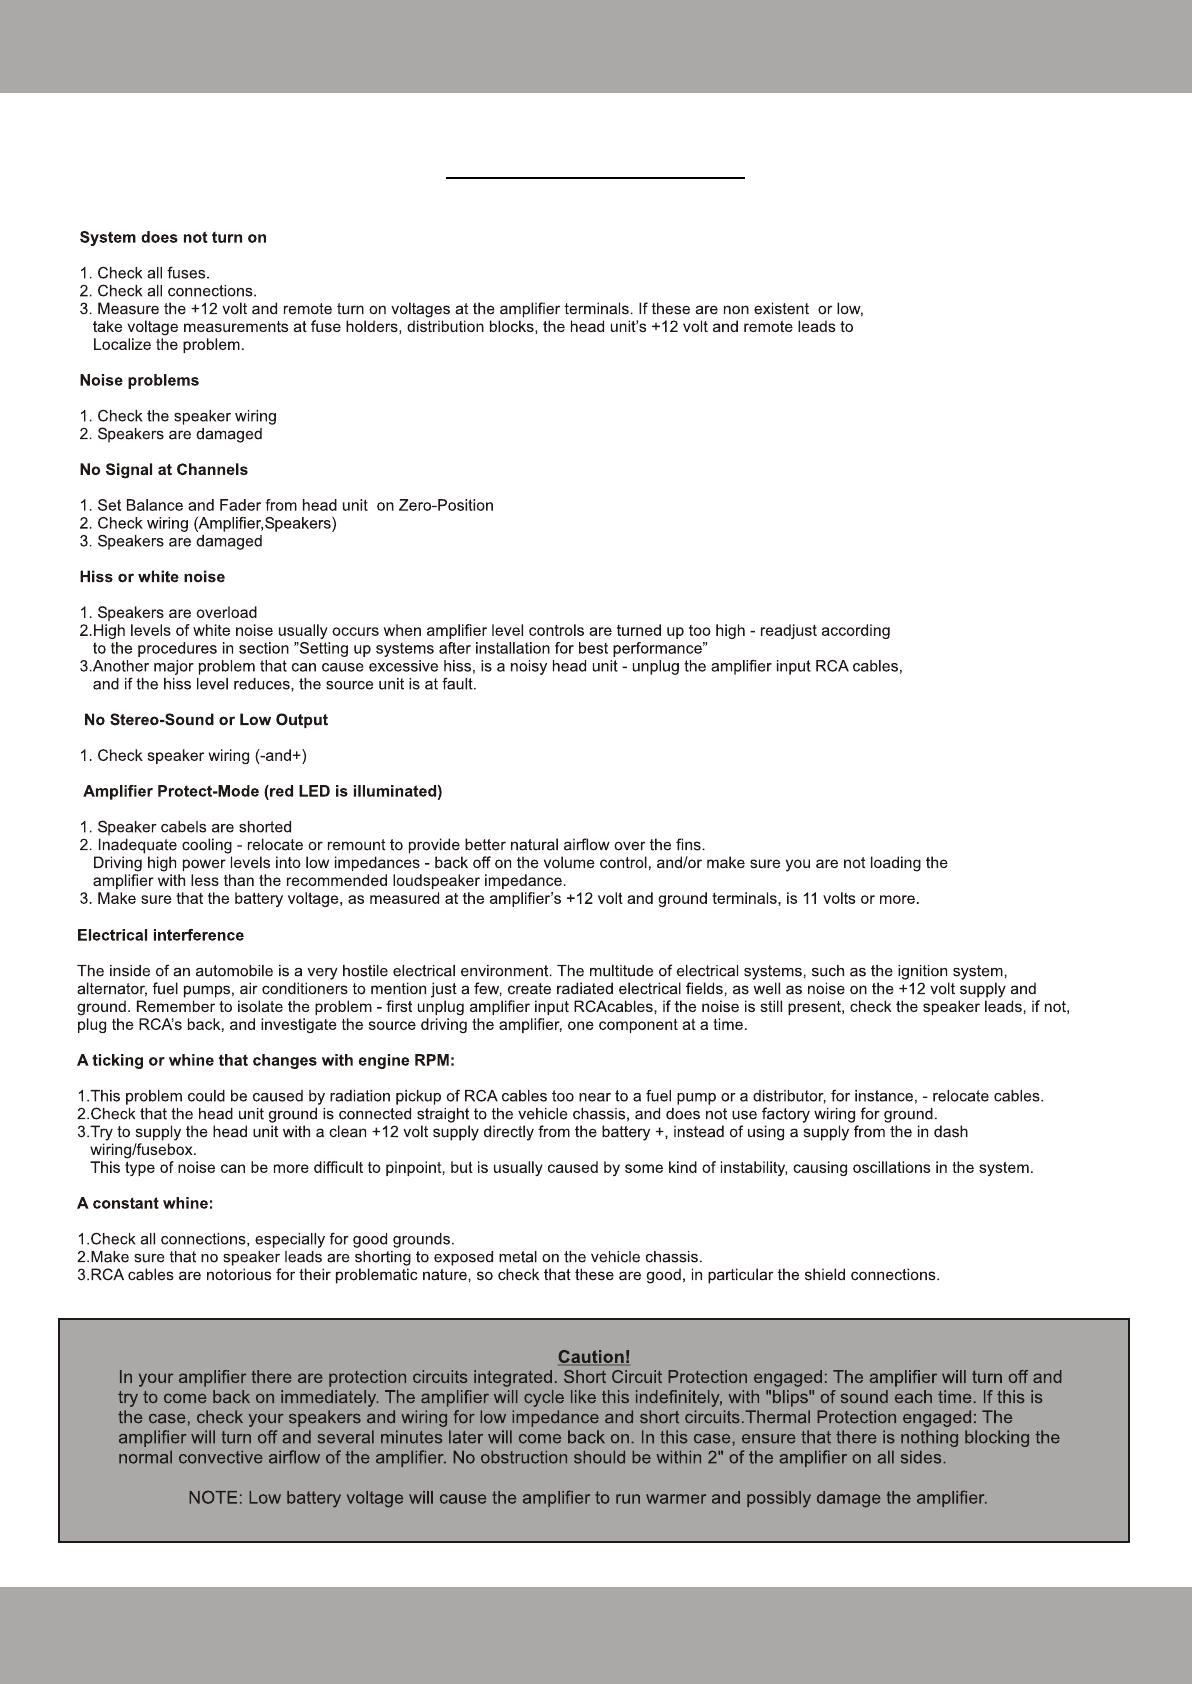 Bedienungsanleitung Crunch Gtr 5502 Seite 21 Von 24 Deutsch Wiring Amp To Speakers 22